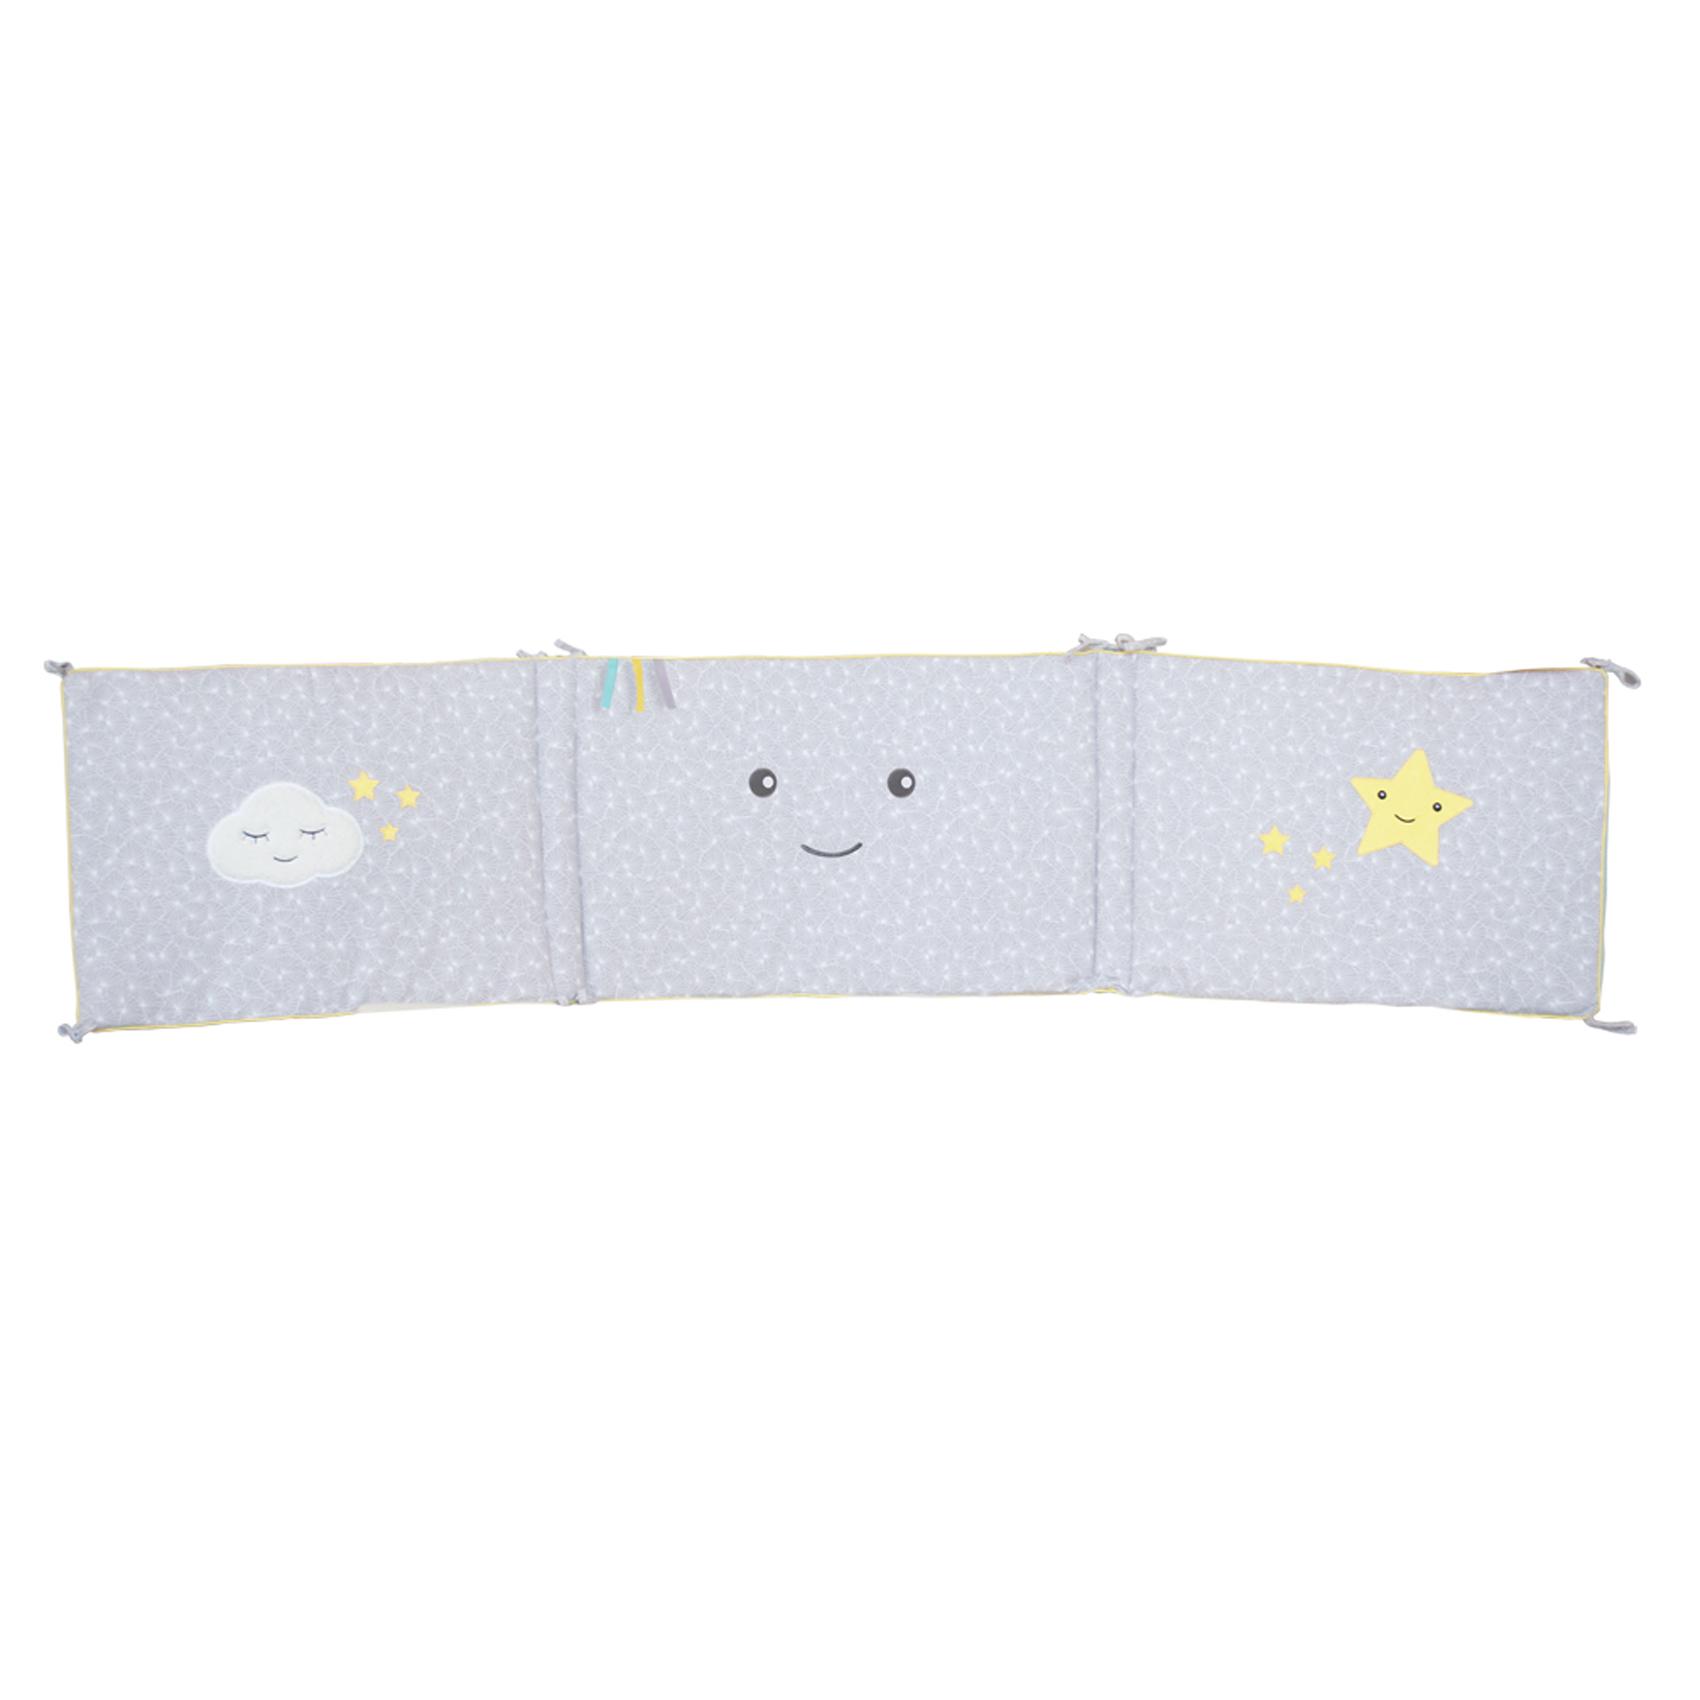 Tour de lit bébé réversible Demi Lune coton Anis/Gris